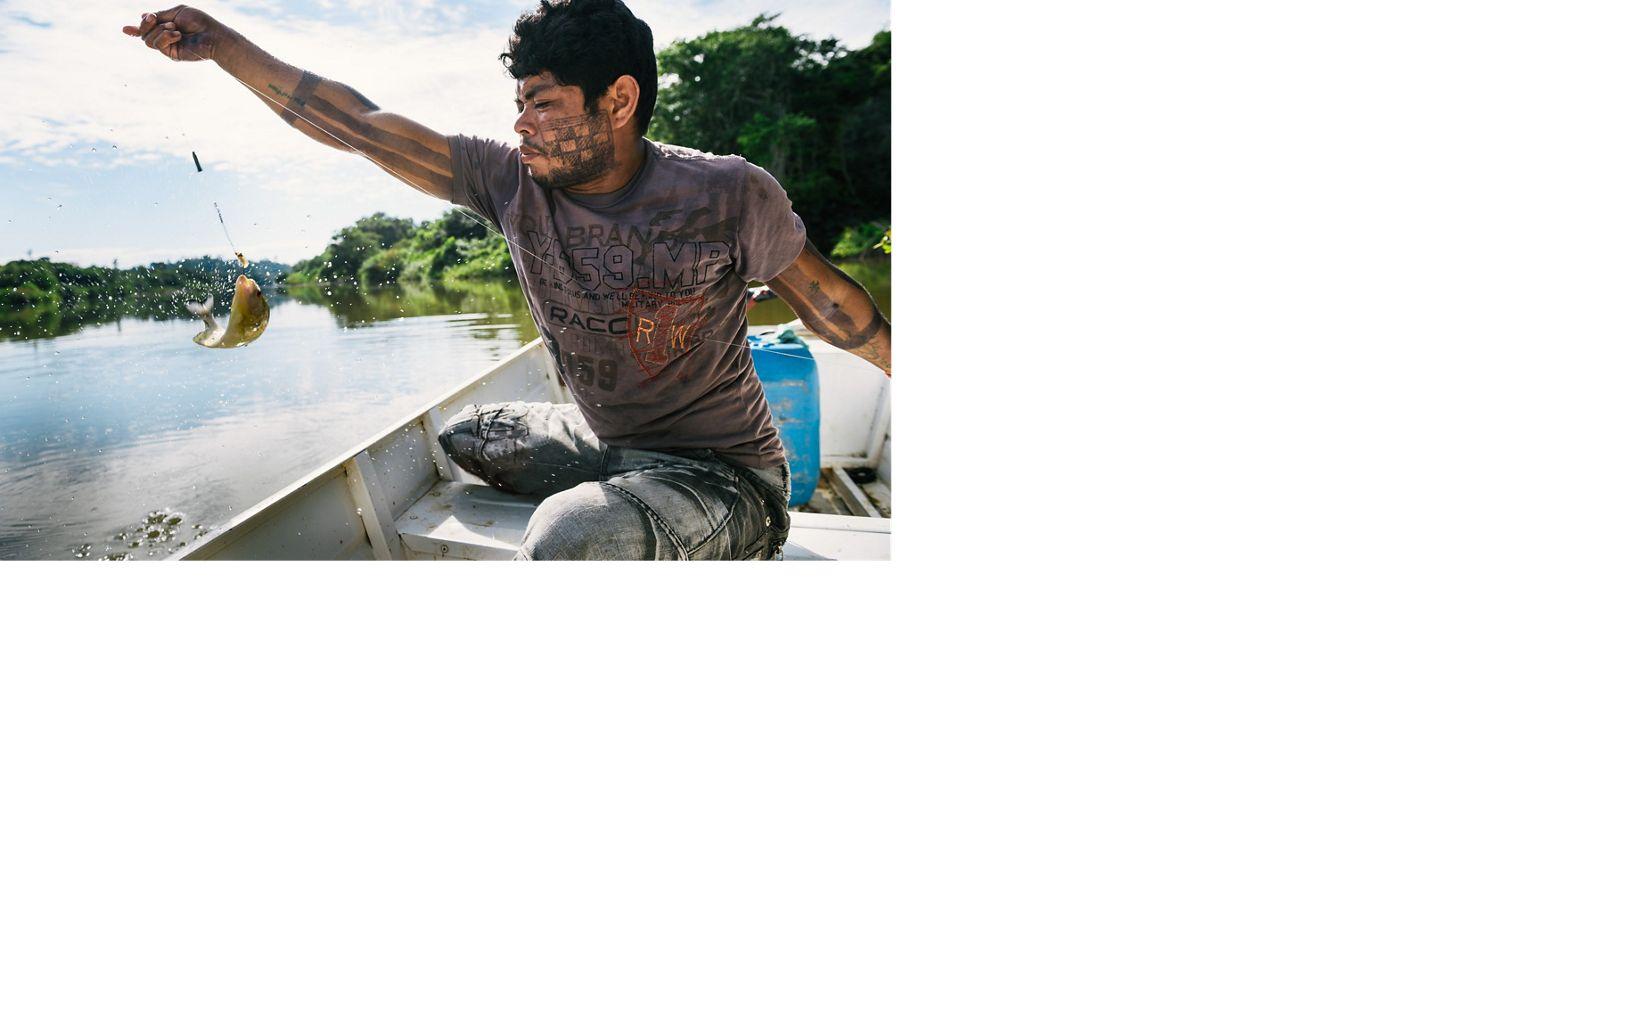 Tekakro Xikrin pescando no Rio Bacajá próximo a aldeia Pot-Kro, na Terra Indígena Trincheira-Bacajá, no Pará.